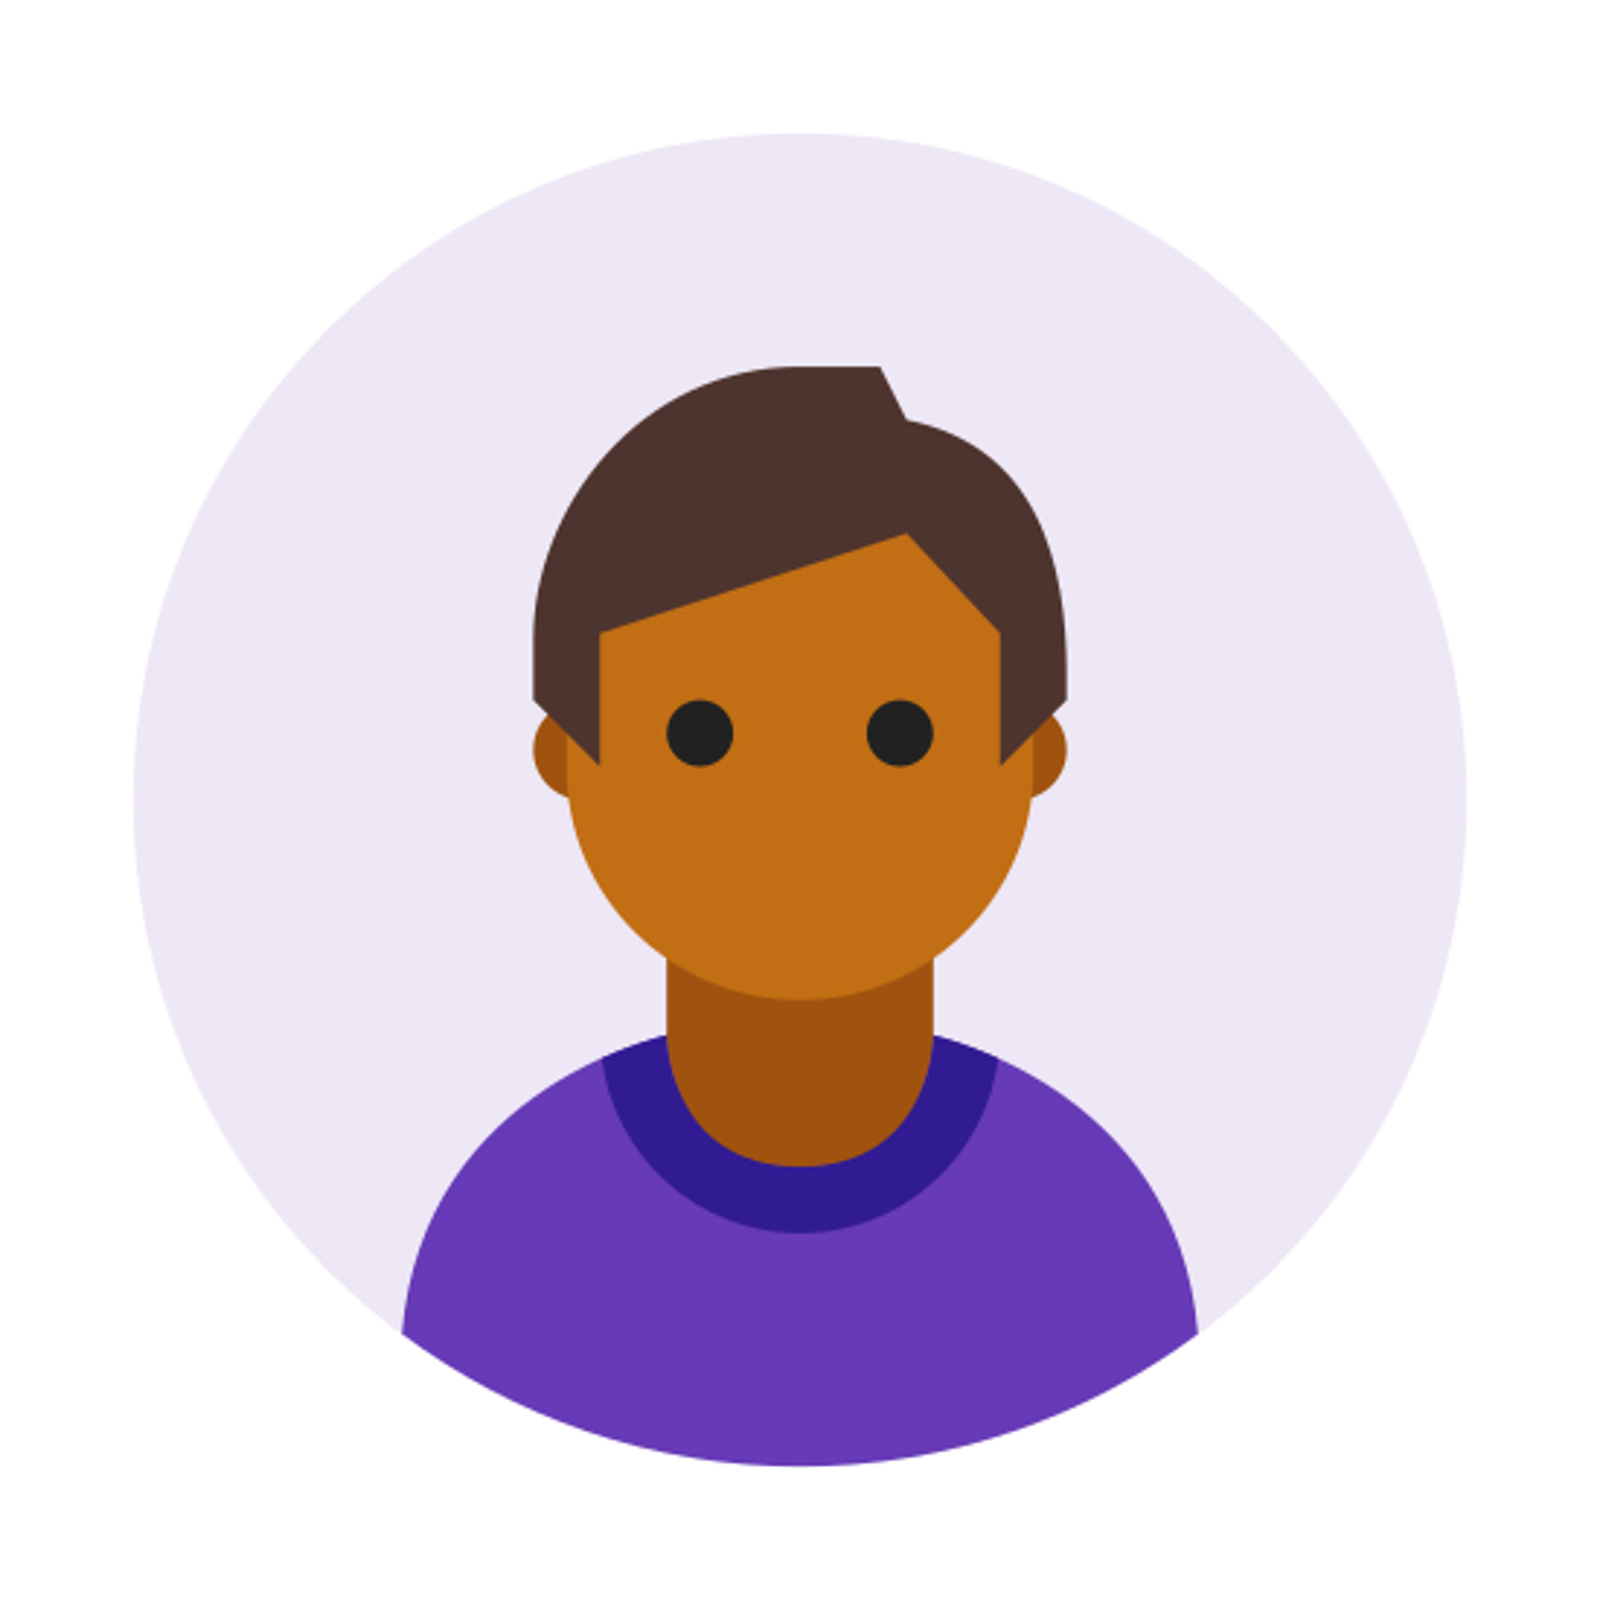 Circled User Male Skin Type 6 icon